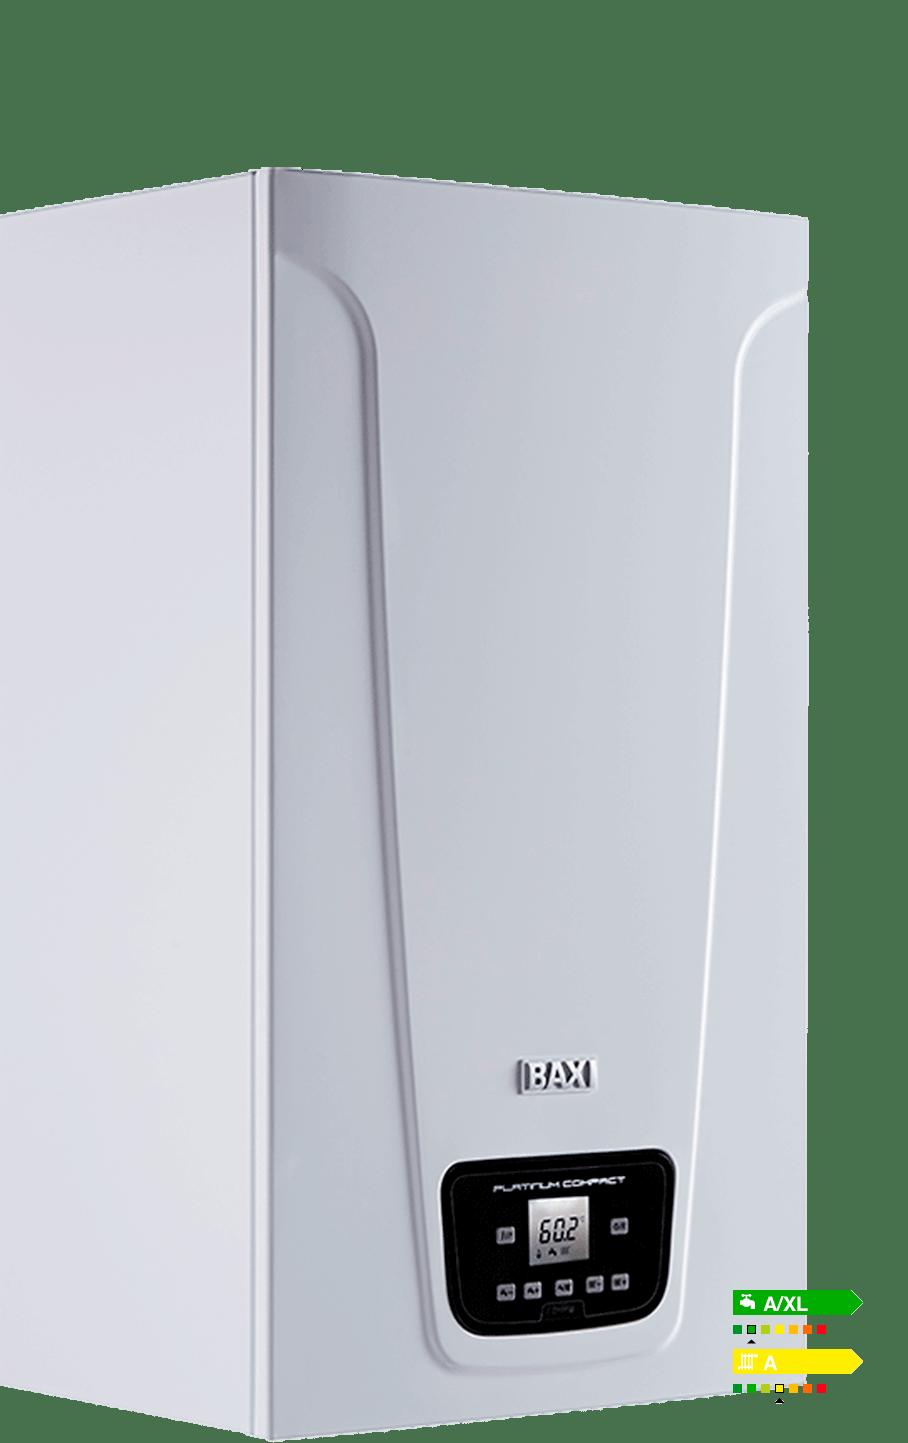 Caldera Platinum compact Baxi